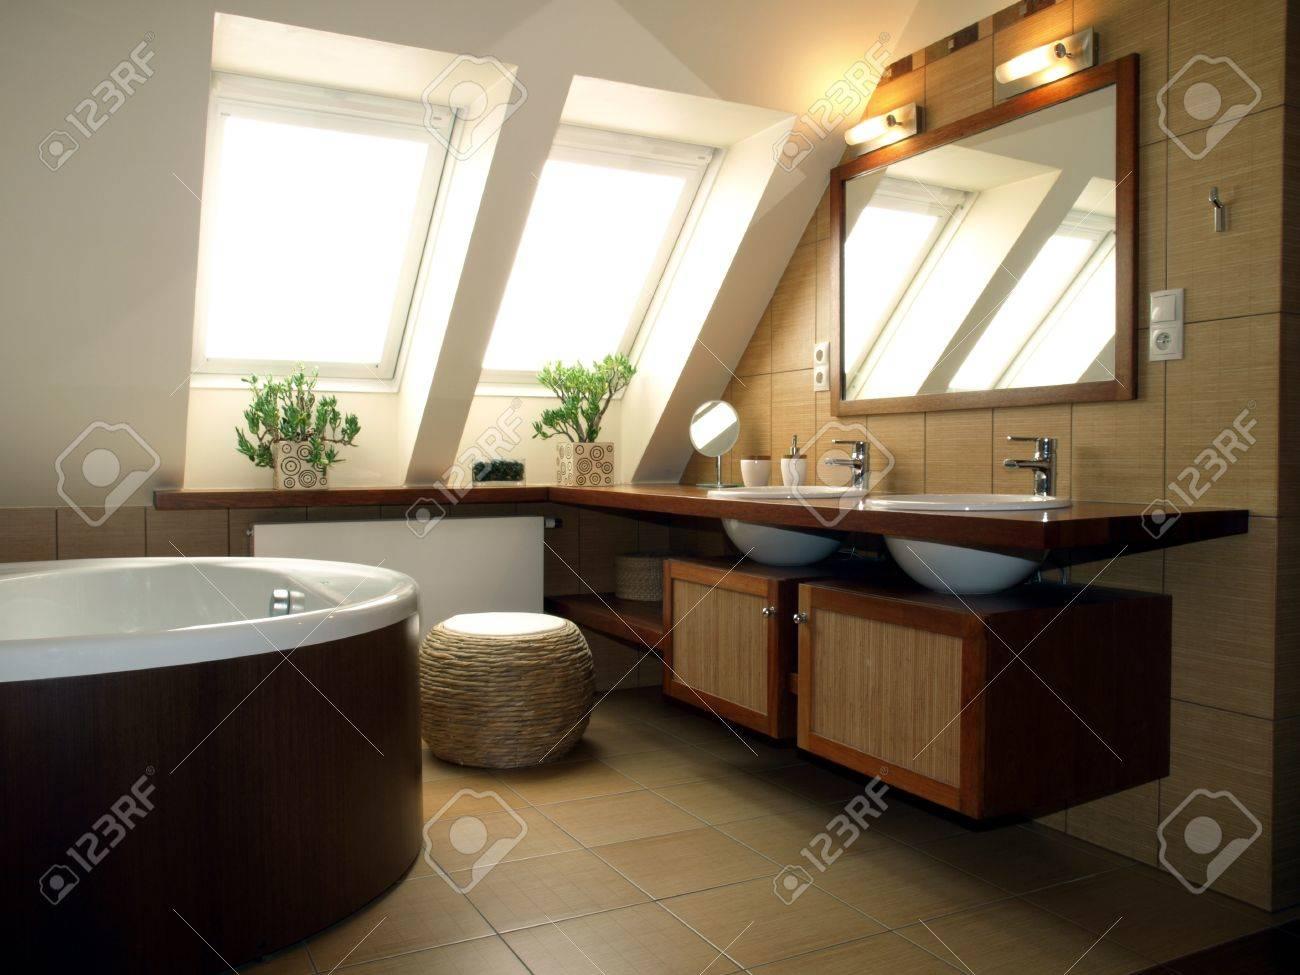 Salle De Bain Luxueuse Moderne ~ a l int rieur de la salle de bains luxueuse dans la maison moderne